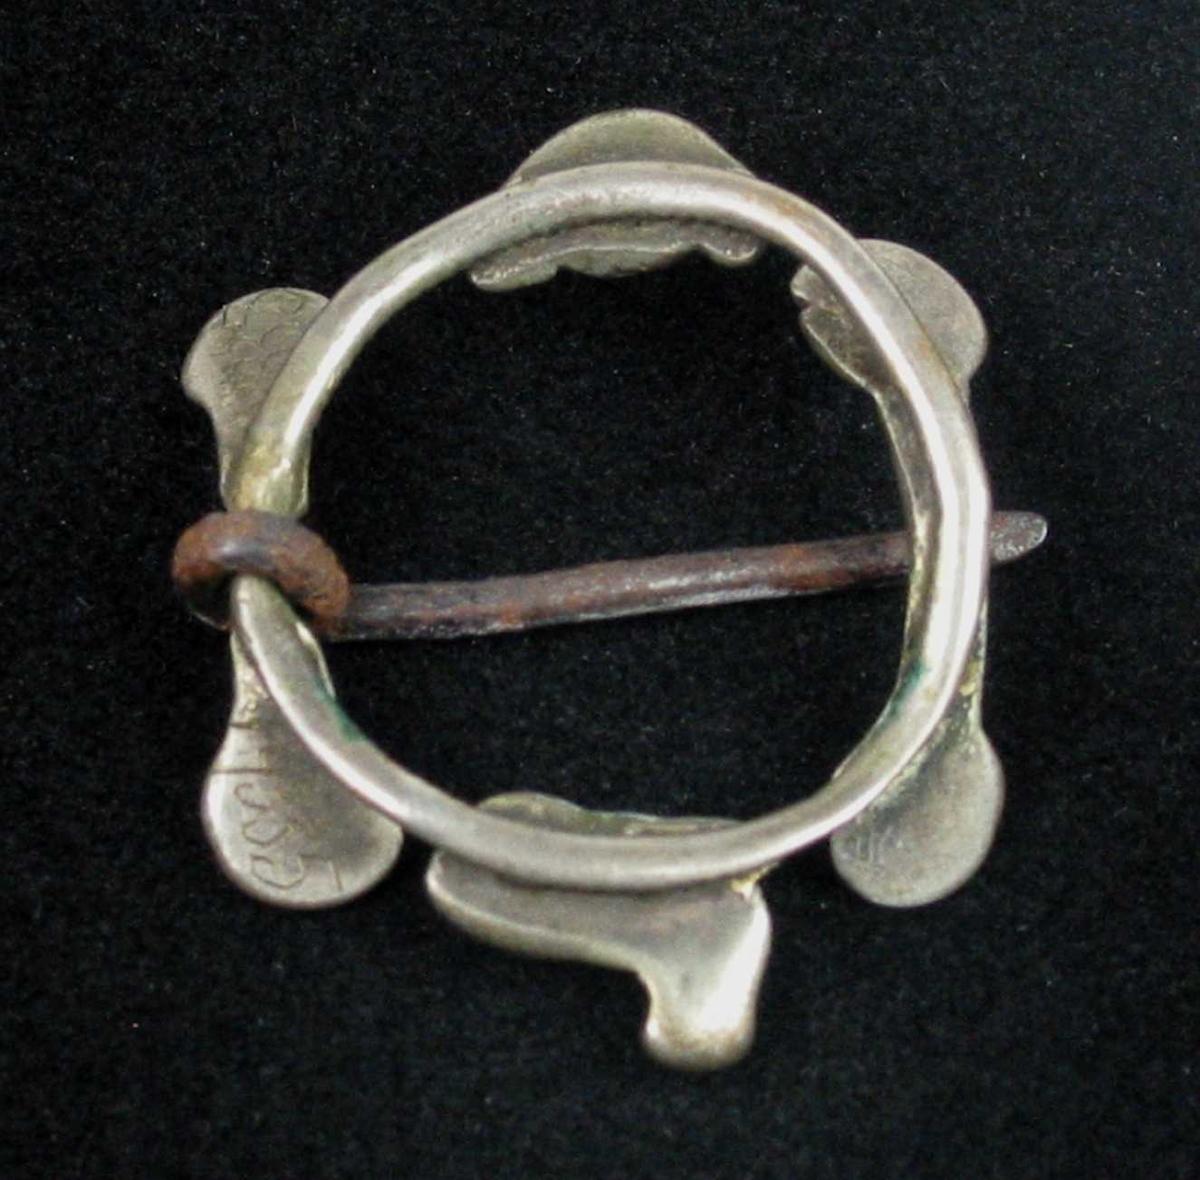 Hornring av sølv med stolper og pålagte figurer. Ringen er skrueformet, men blankslitt på undersiden. De to stolpene har skrueformet midtparti og oppbøyde rosettformede ender. Ringene mellom stolpene har på den ene siden en liggende dyrefigur og på den andre siden en nyreformet rosett. Tornen er av jern.